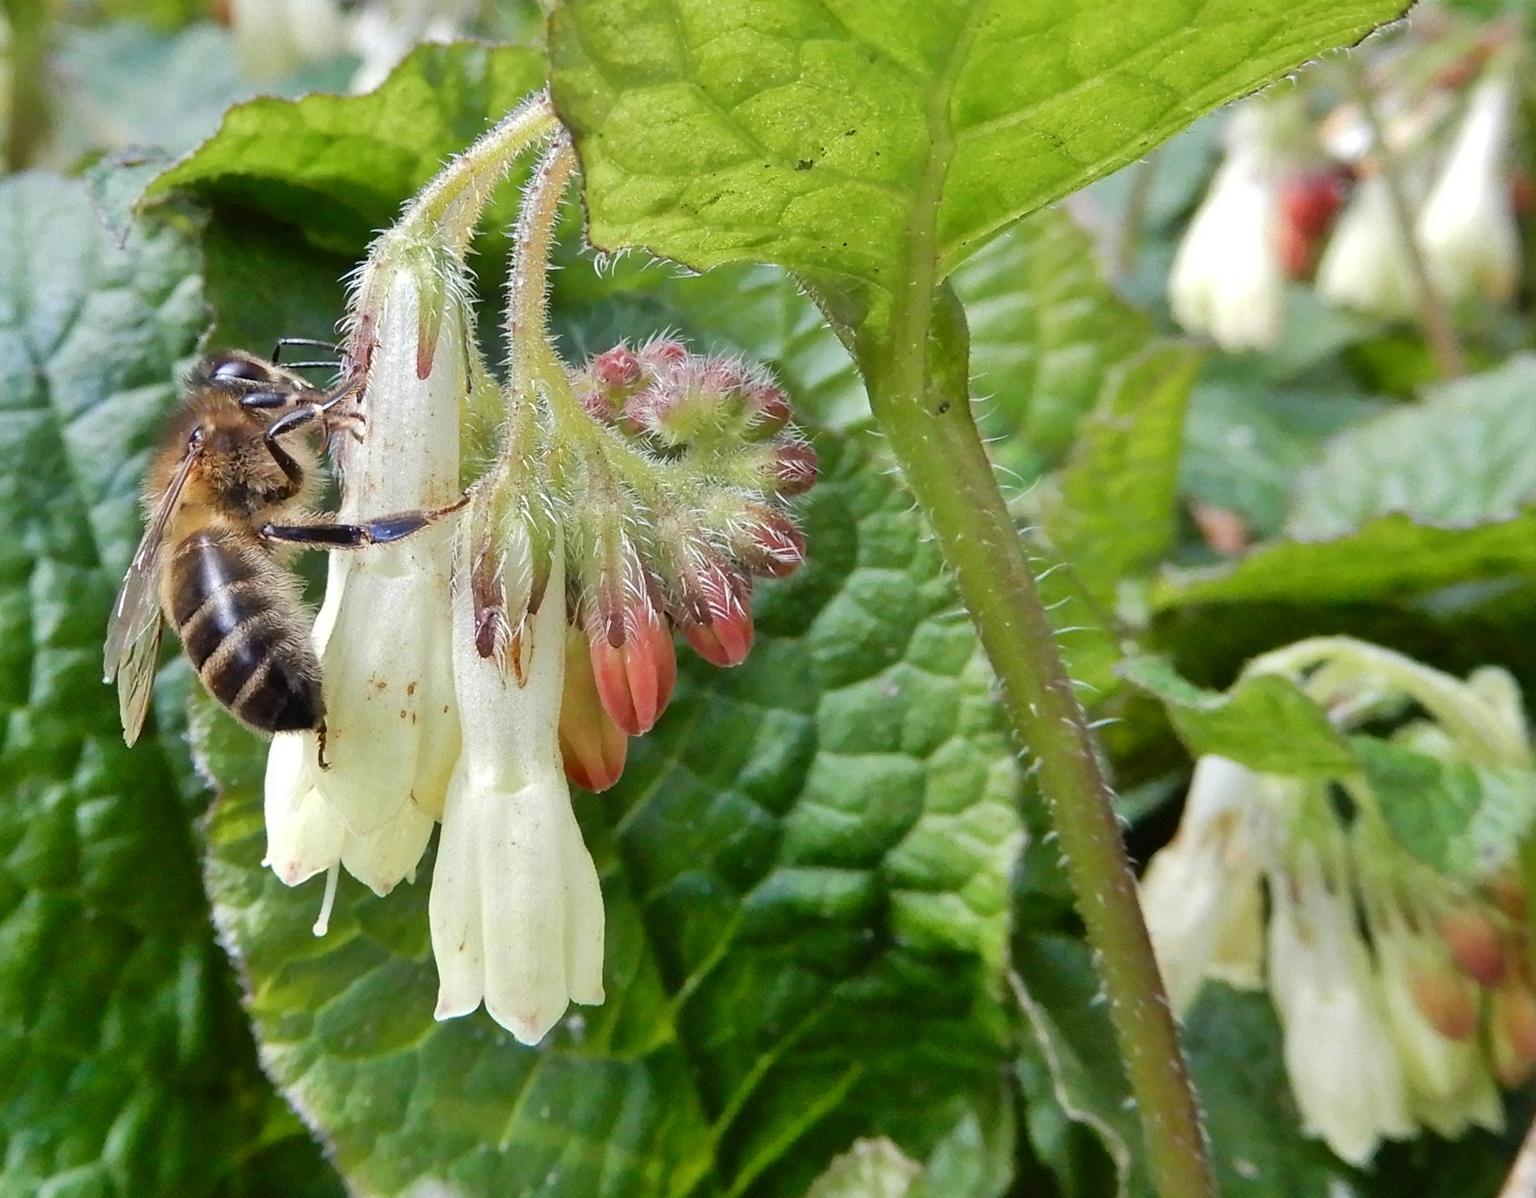 de tafel is gedekt - het insect is op zoek naar iets eetbaars en landde dus op deze bloem waarvan ik de naam niet weet, er stonden er een heleboel bij elkaar en het gonsd - foto door Tonny1946 op 17-04-2021 - locatie: Bunnikseweg 39, 3732 HV De Bilt, Nederland - deze foto bevat: insec, witte bloem, roodachtige knoppen, groene blaadjes, voorjaar, 16 april 2021, bloem, fabriek, bestuiver, geleedpotigen, insect, groen, blad, bloemblaadje, plaag, honingbij